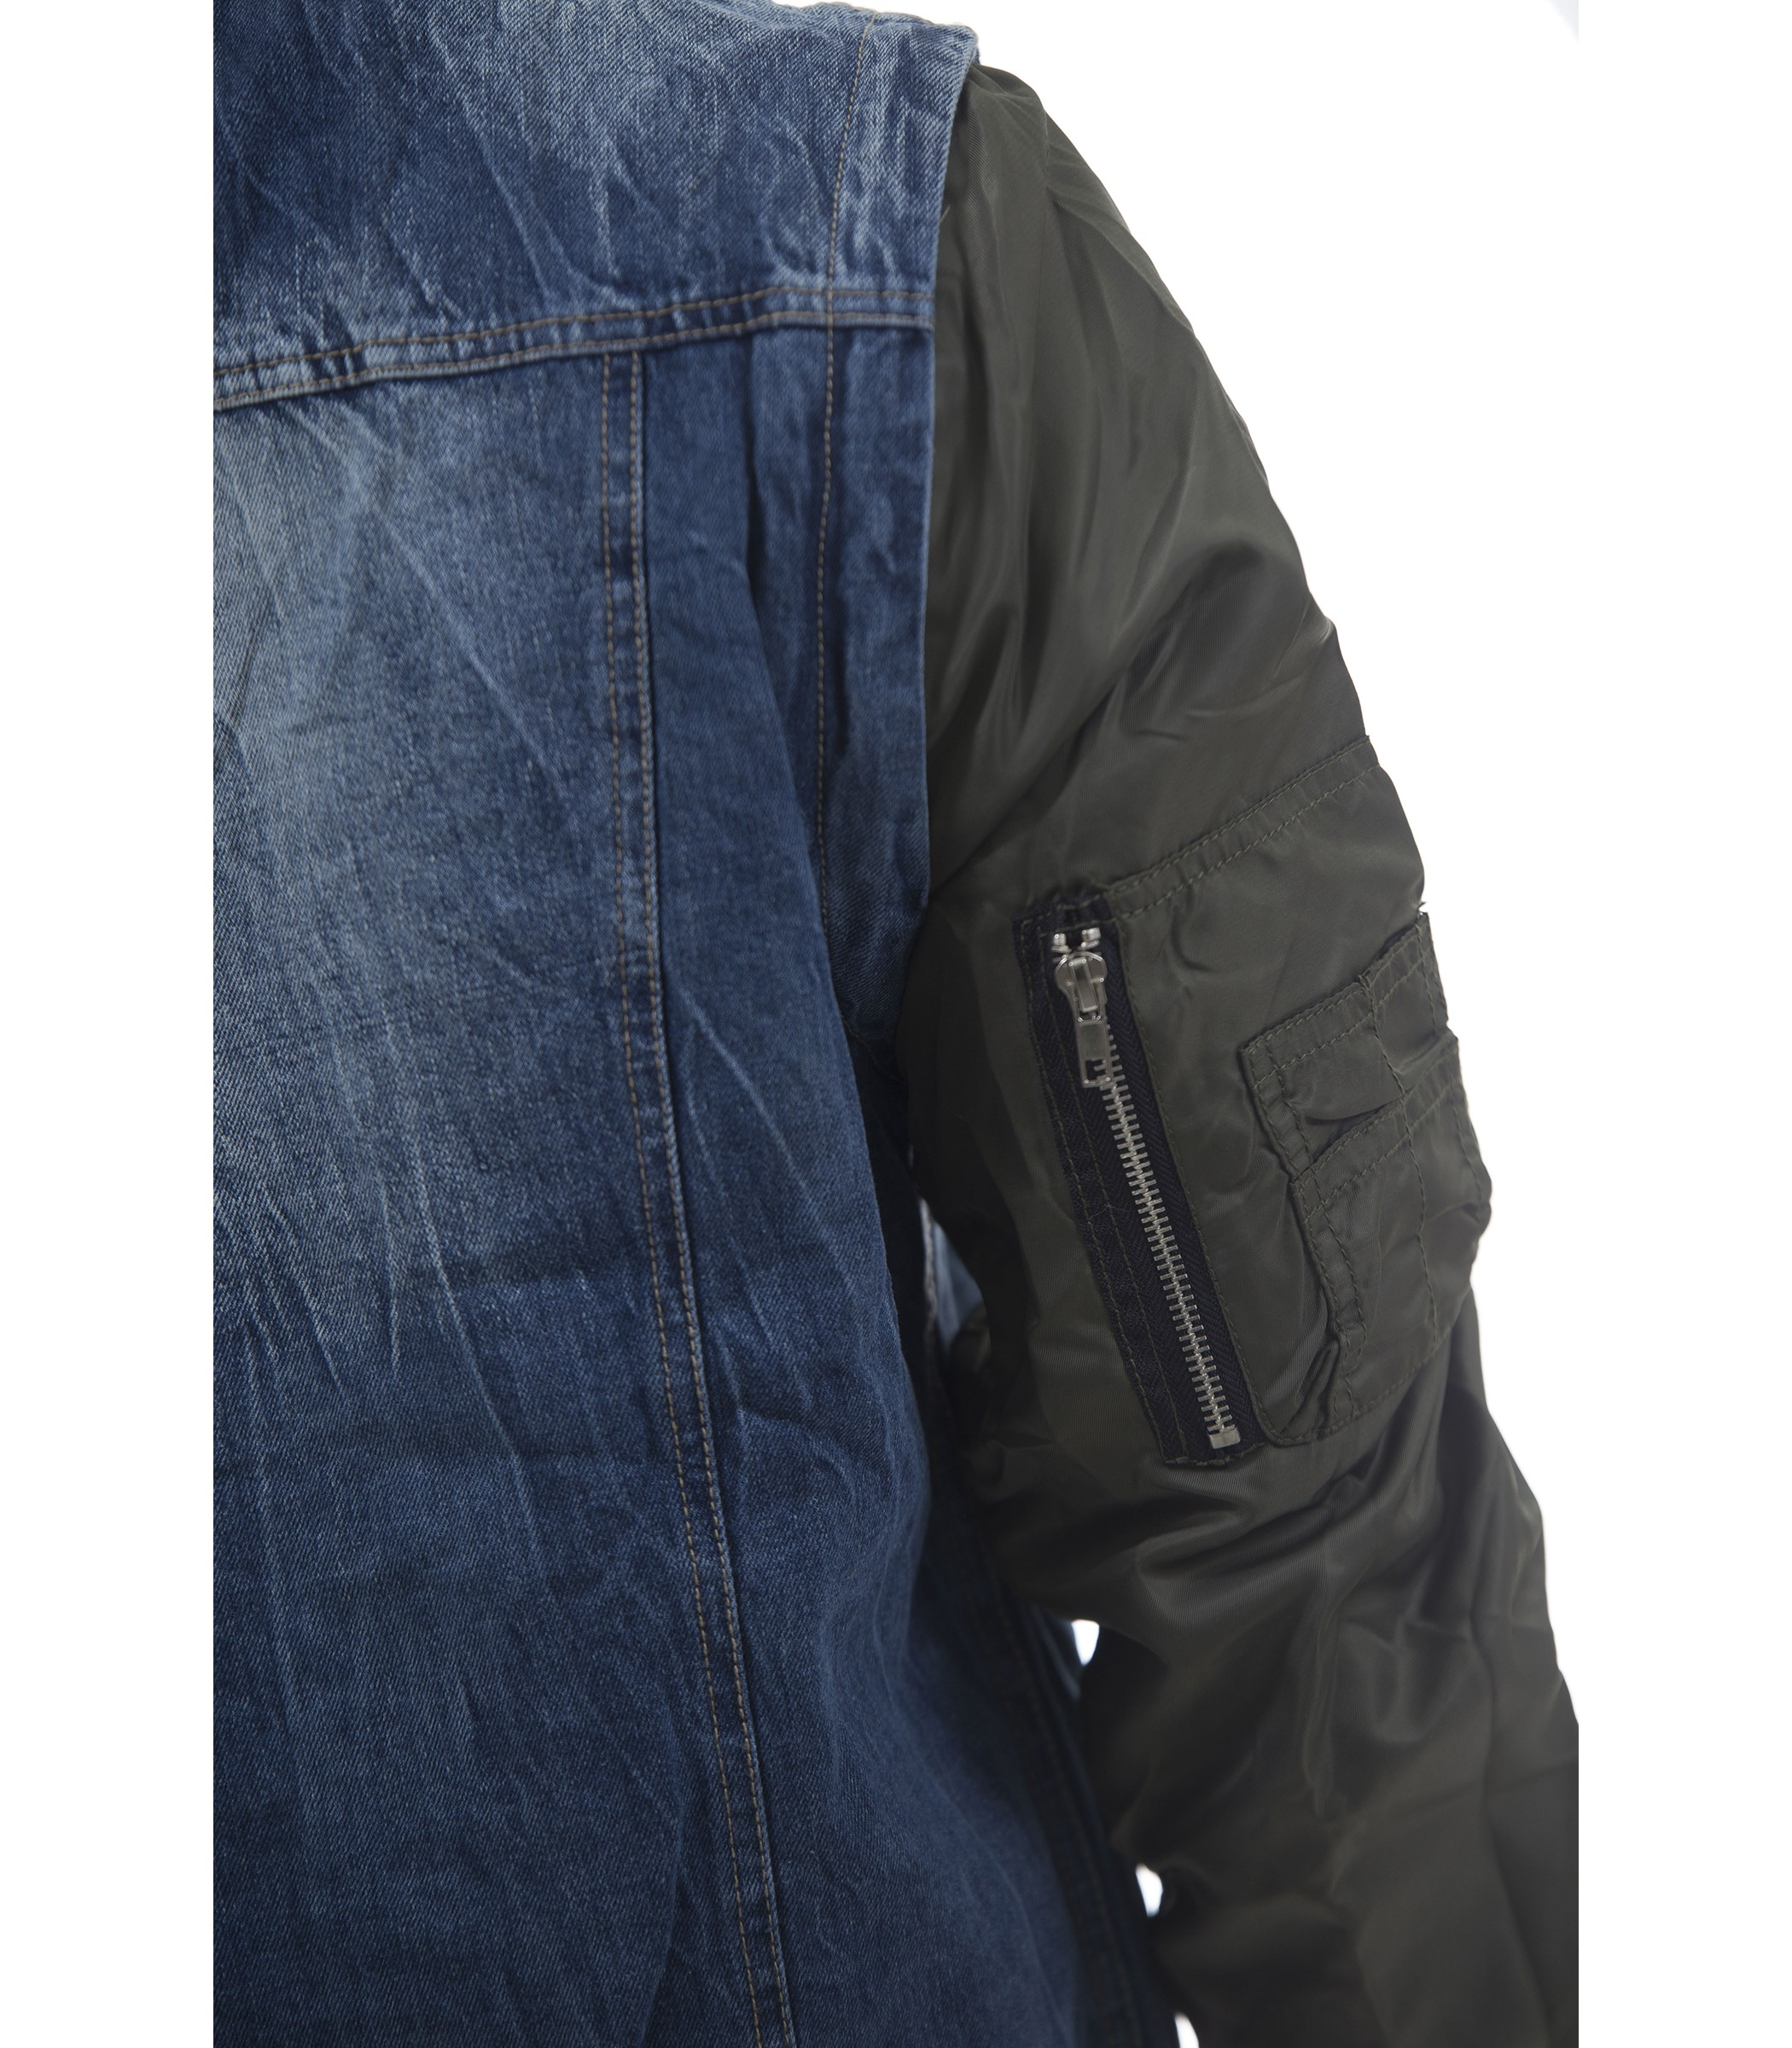 it Removibili Uomo Jeans Maniche Con Denim Montorostore Giubbotto gqw0I